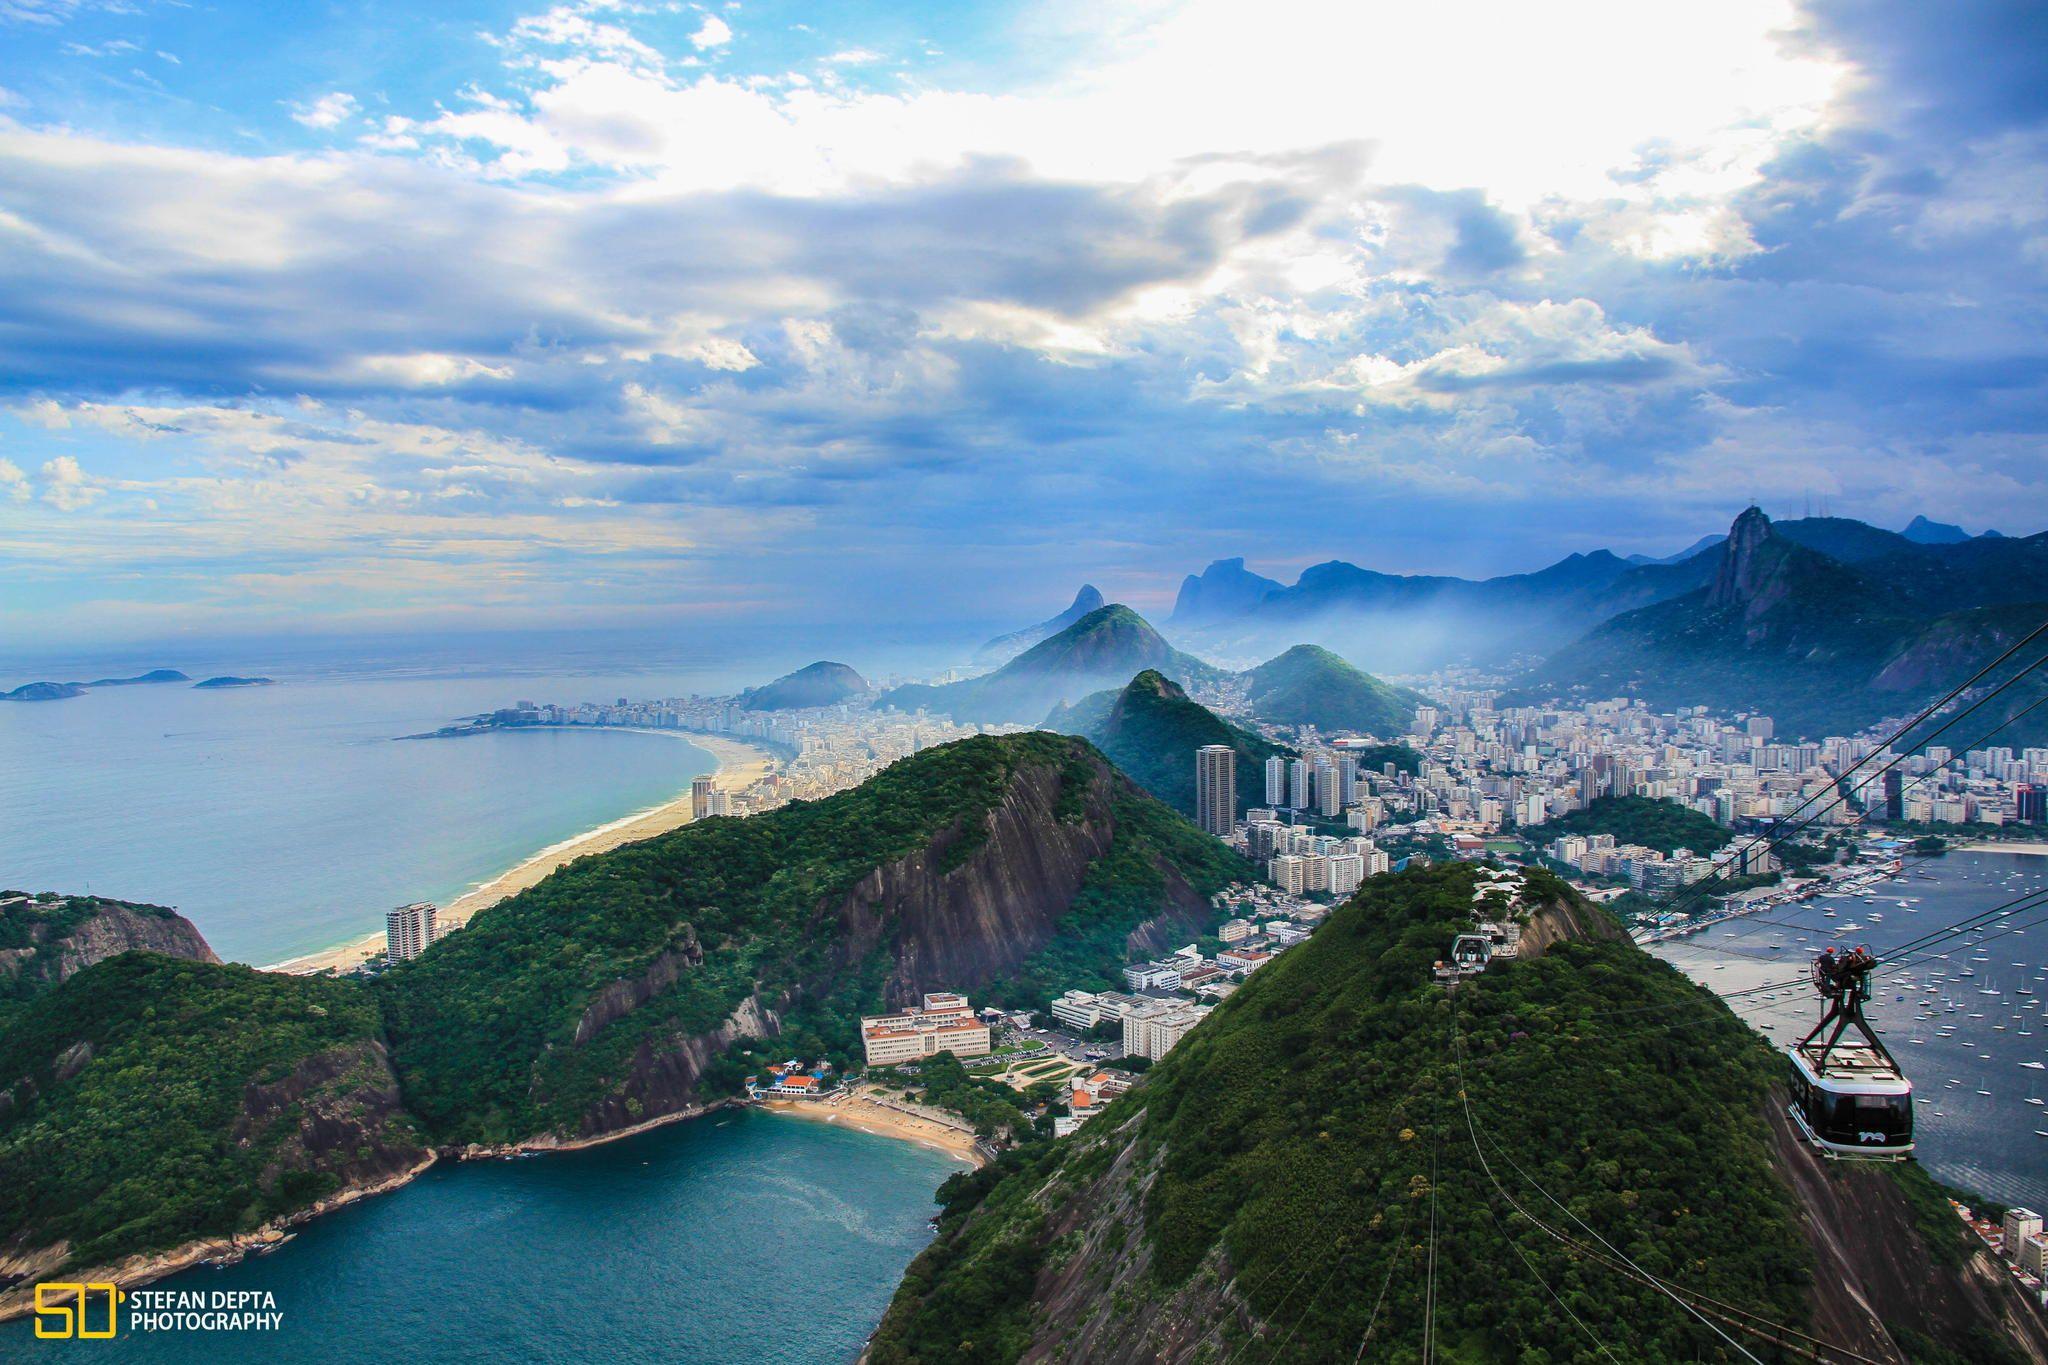 Rio de Janeiro by Stefan Depta on 500px